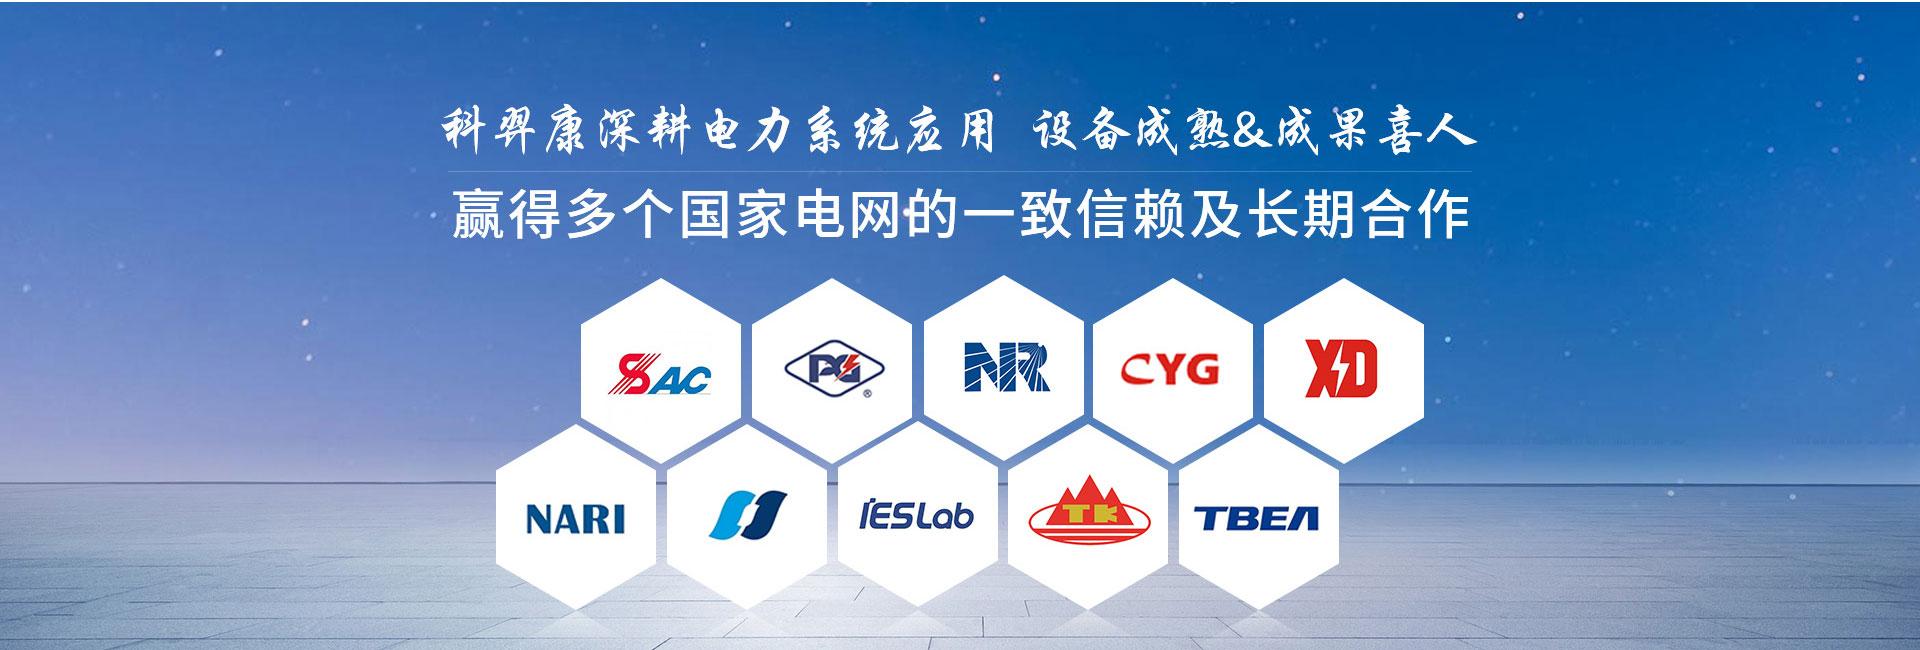 科羿康深耕工业现场光通信应用领域 具备配套新产品研发设计能力